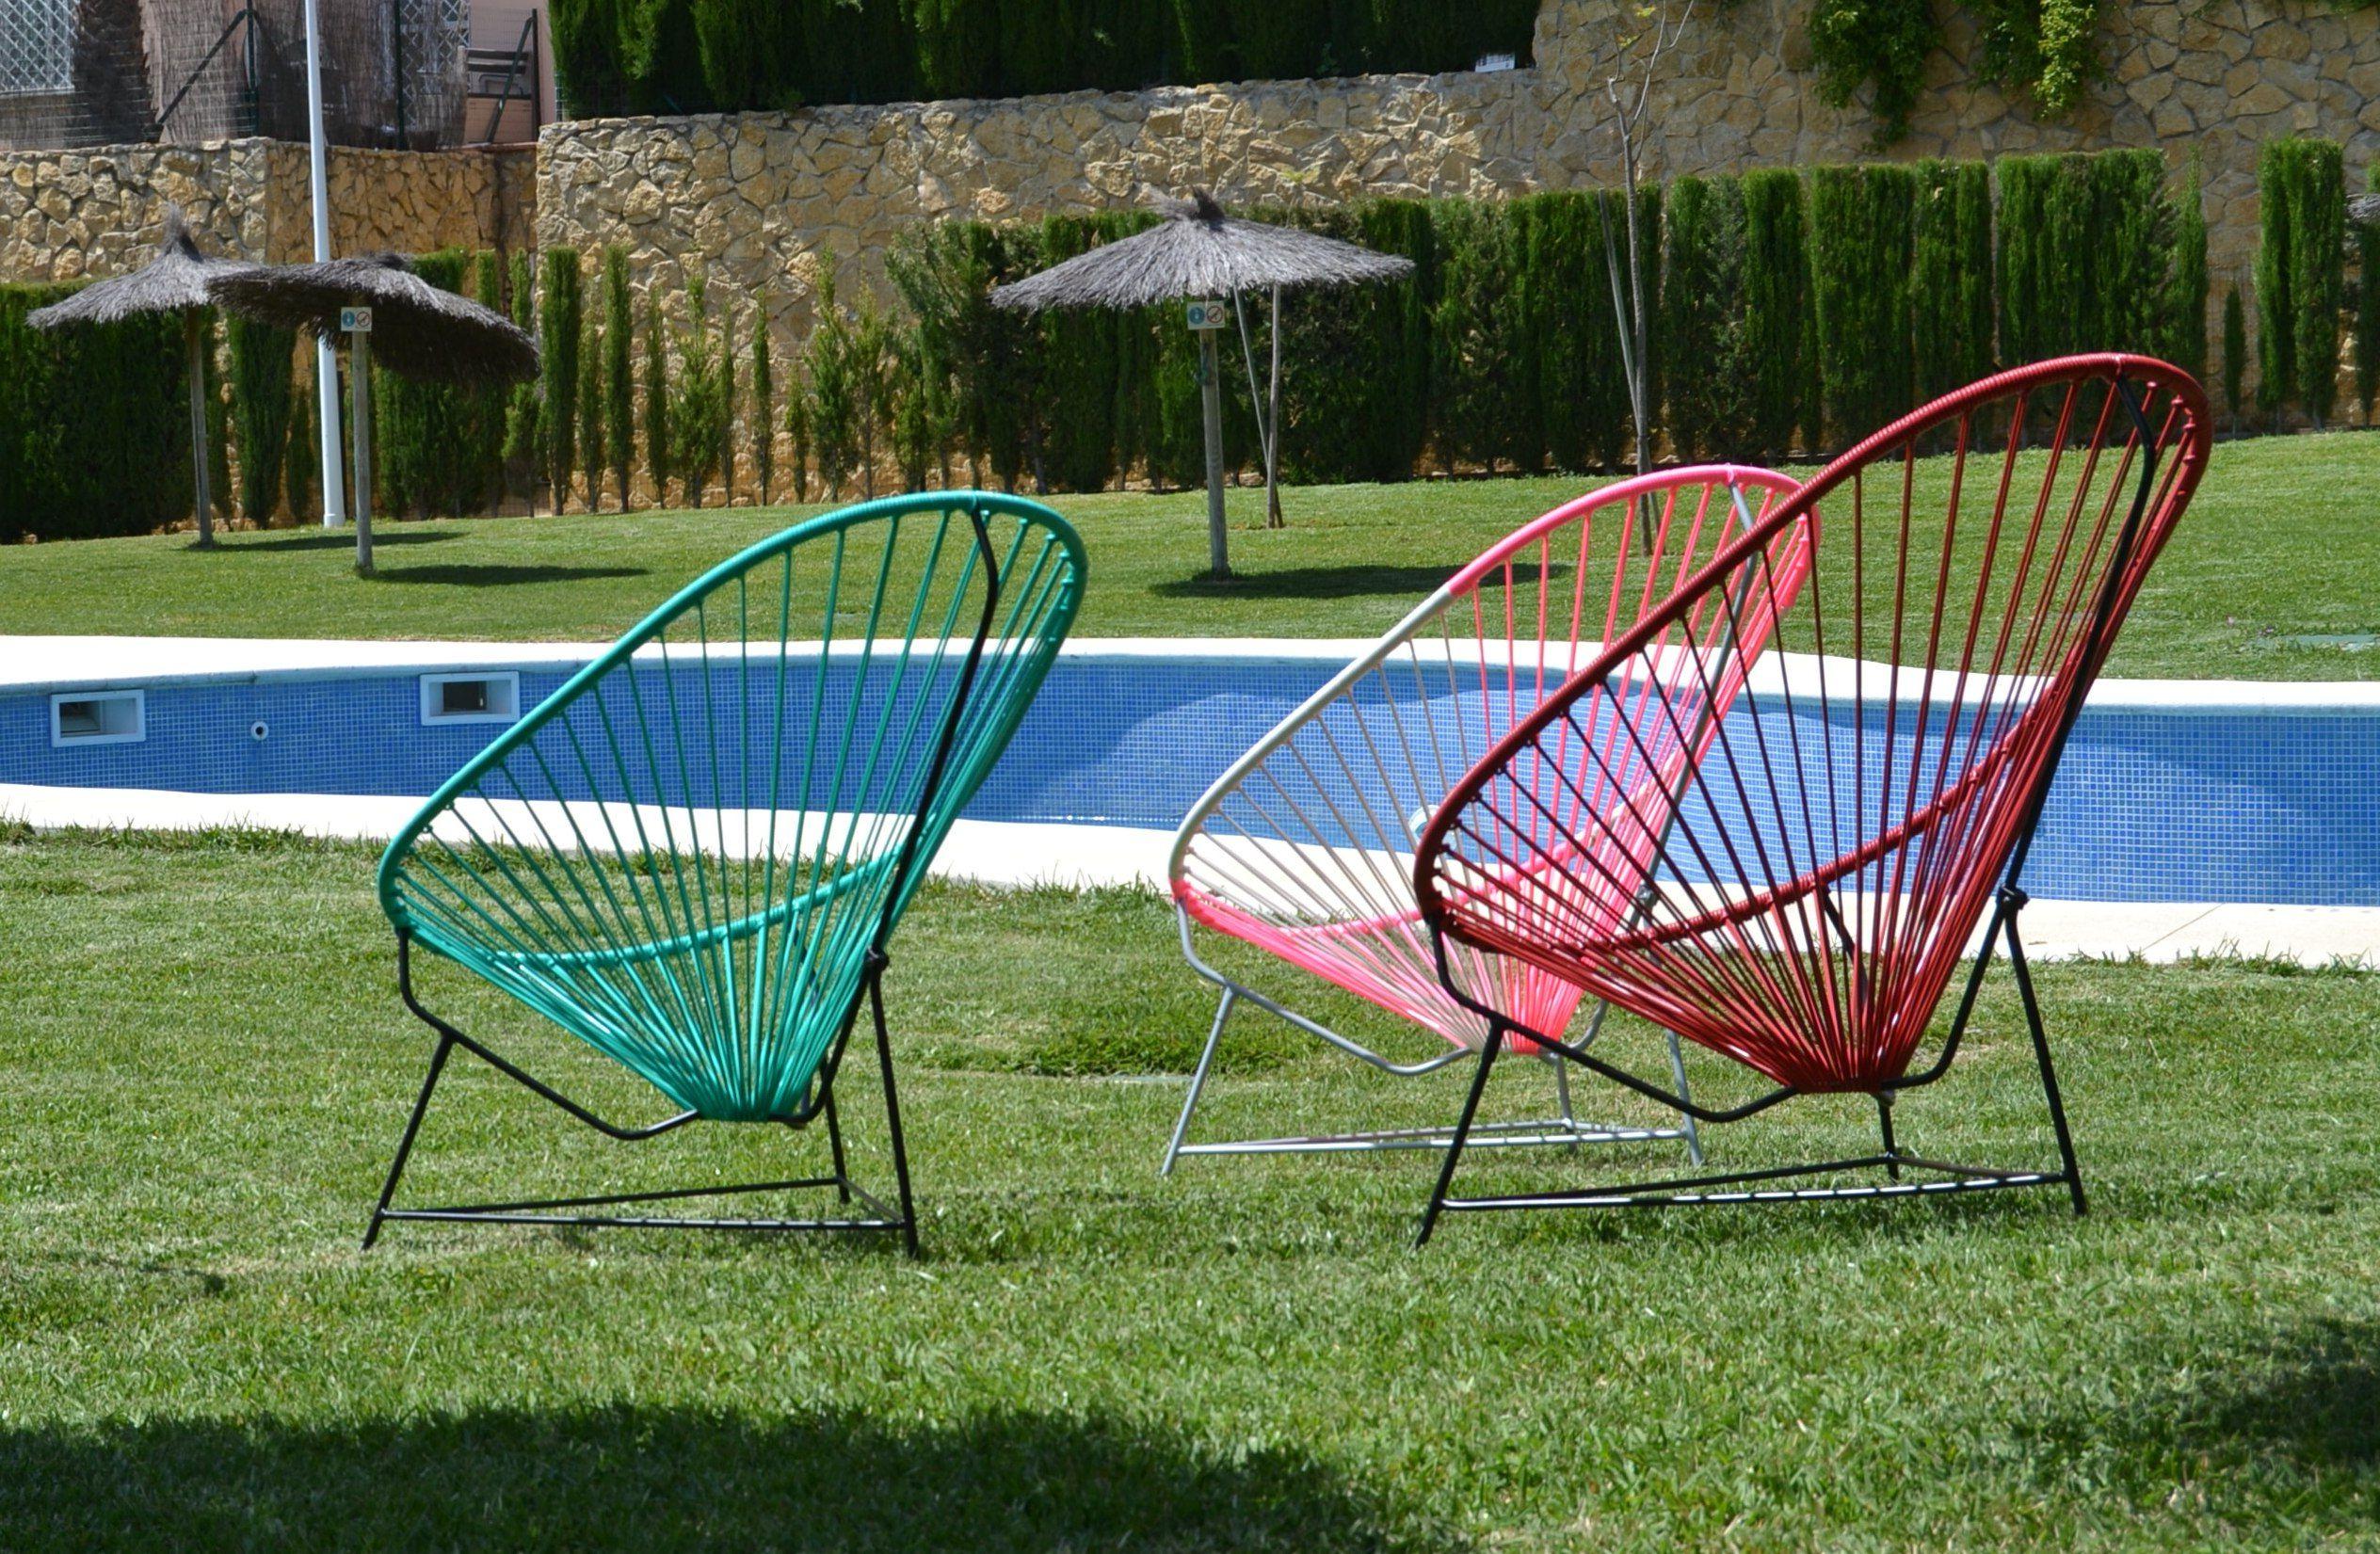 Silla España Gdd0 Sillas Acapulco In A Garden